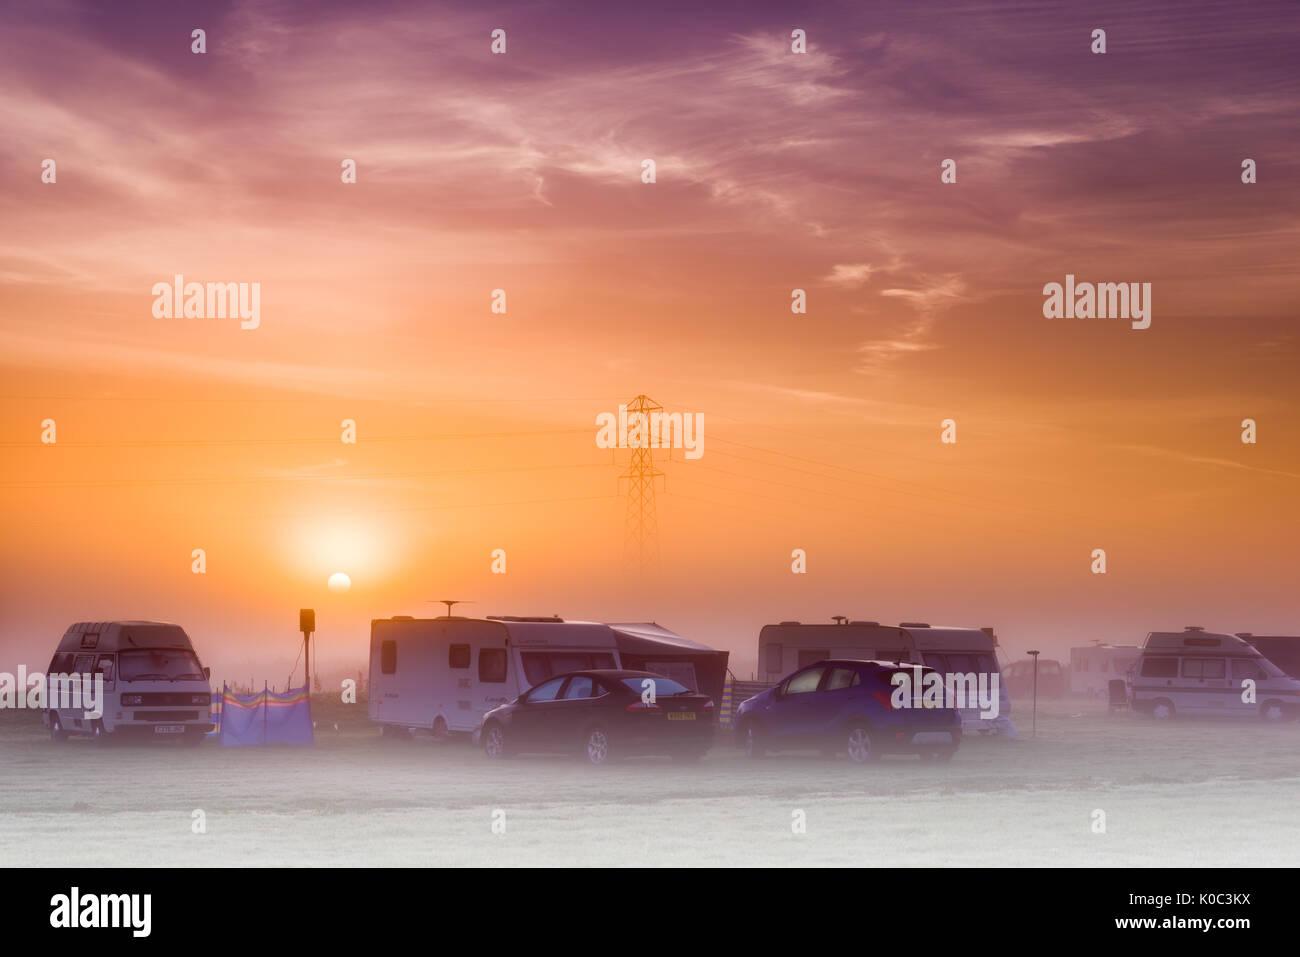 Le soleil se lève sur un camping misty au Royaume-Uni à l'aube d'un matin d'août. Photo Stock